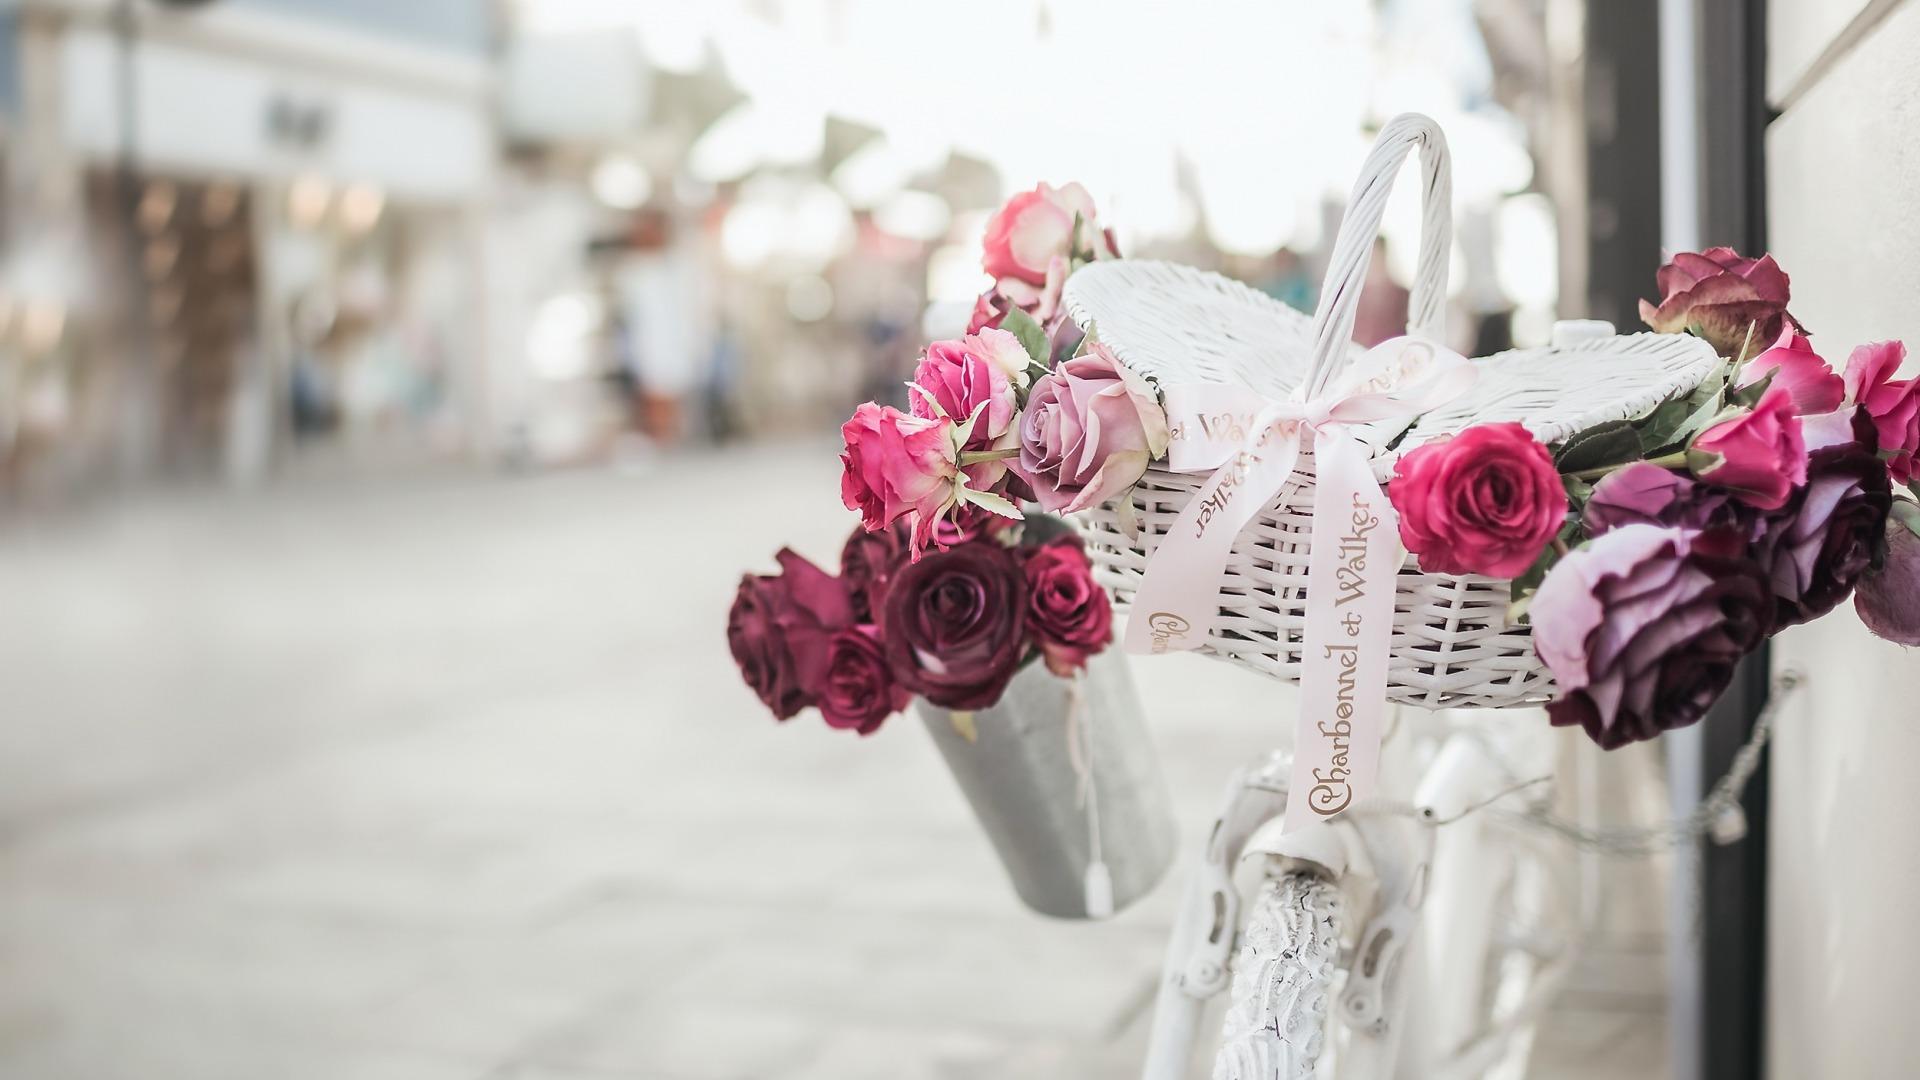 входит основу обои на рабочий стол велосипед и цветы белый, бежевый